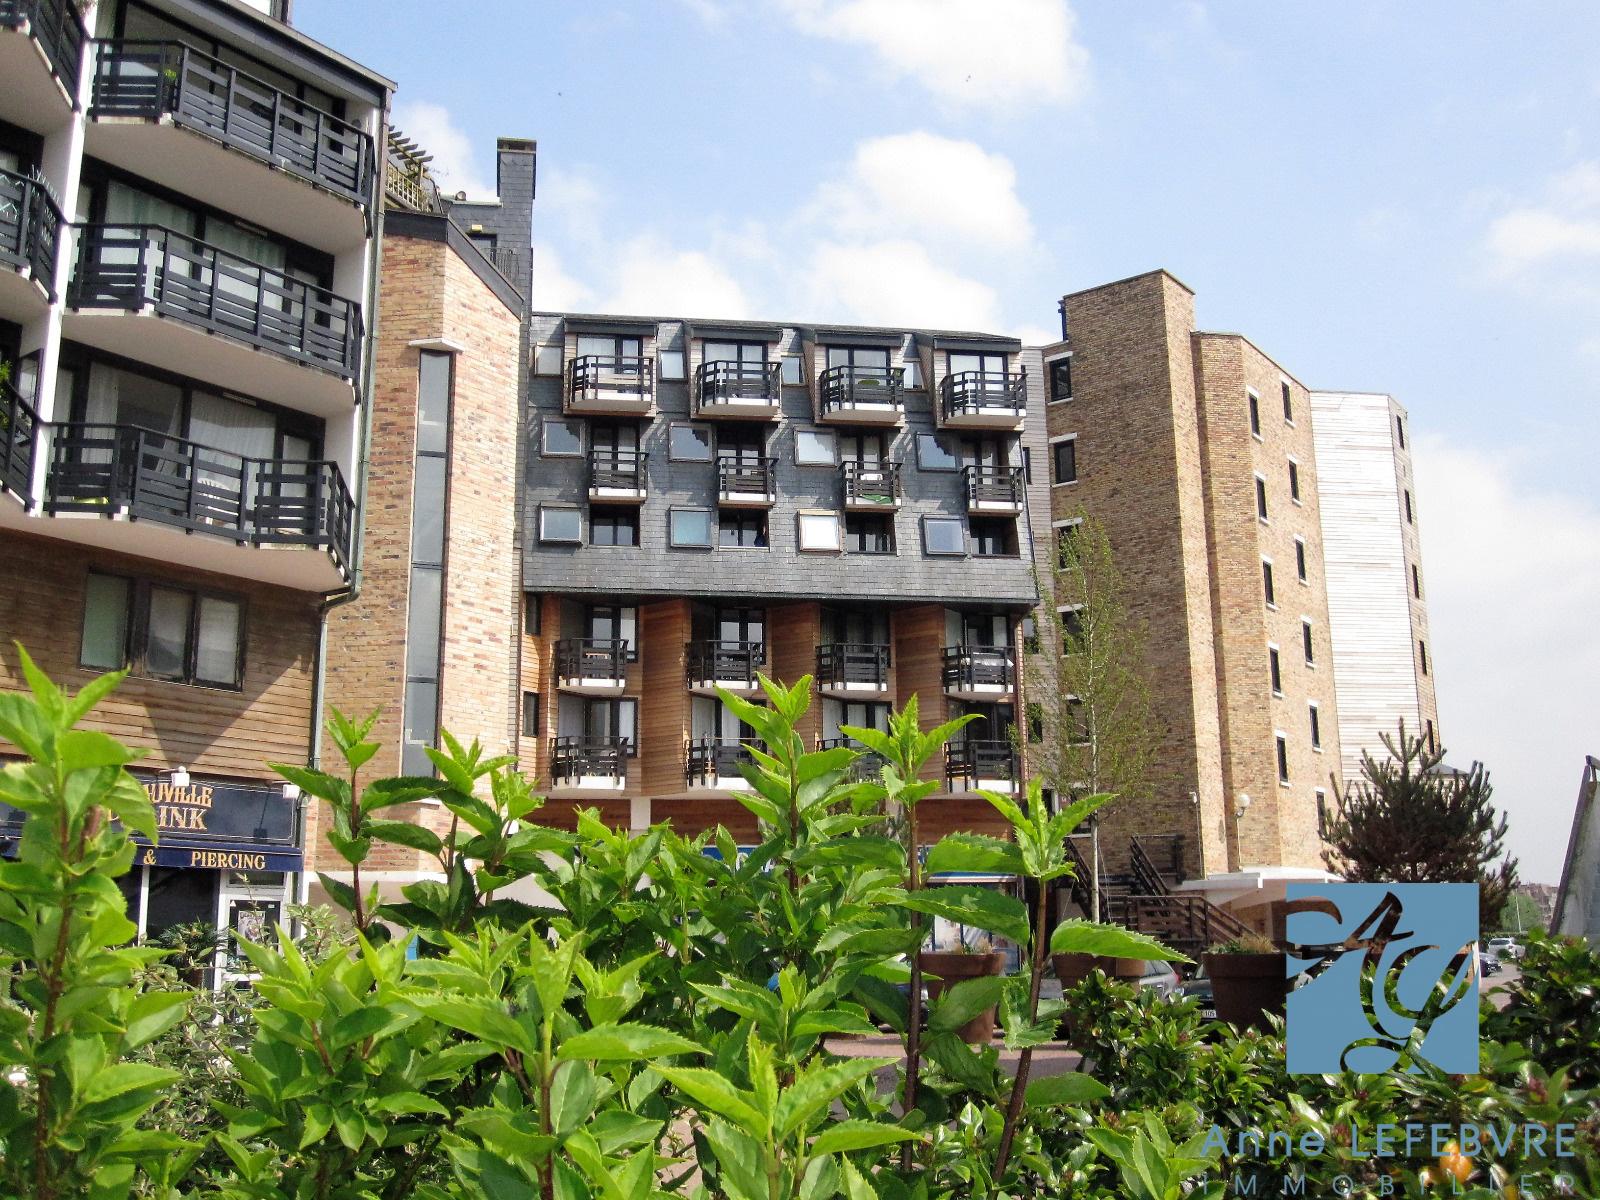 Vente appartement deauville 14800 sur le partenaire for Appartement atypique deauville